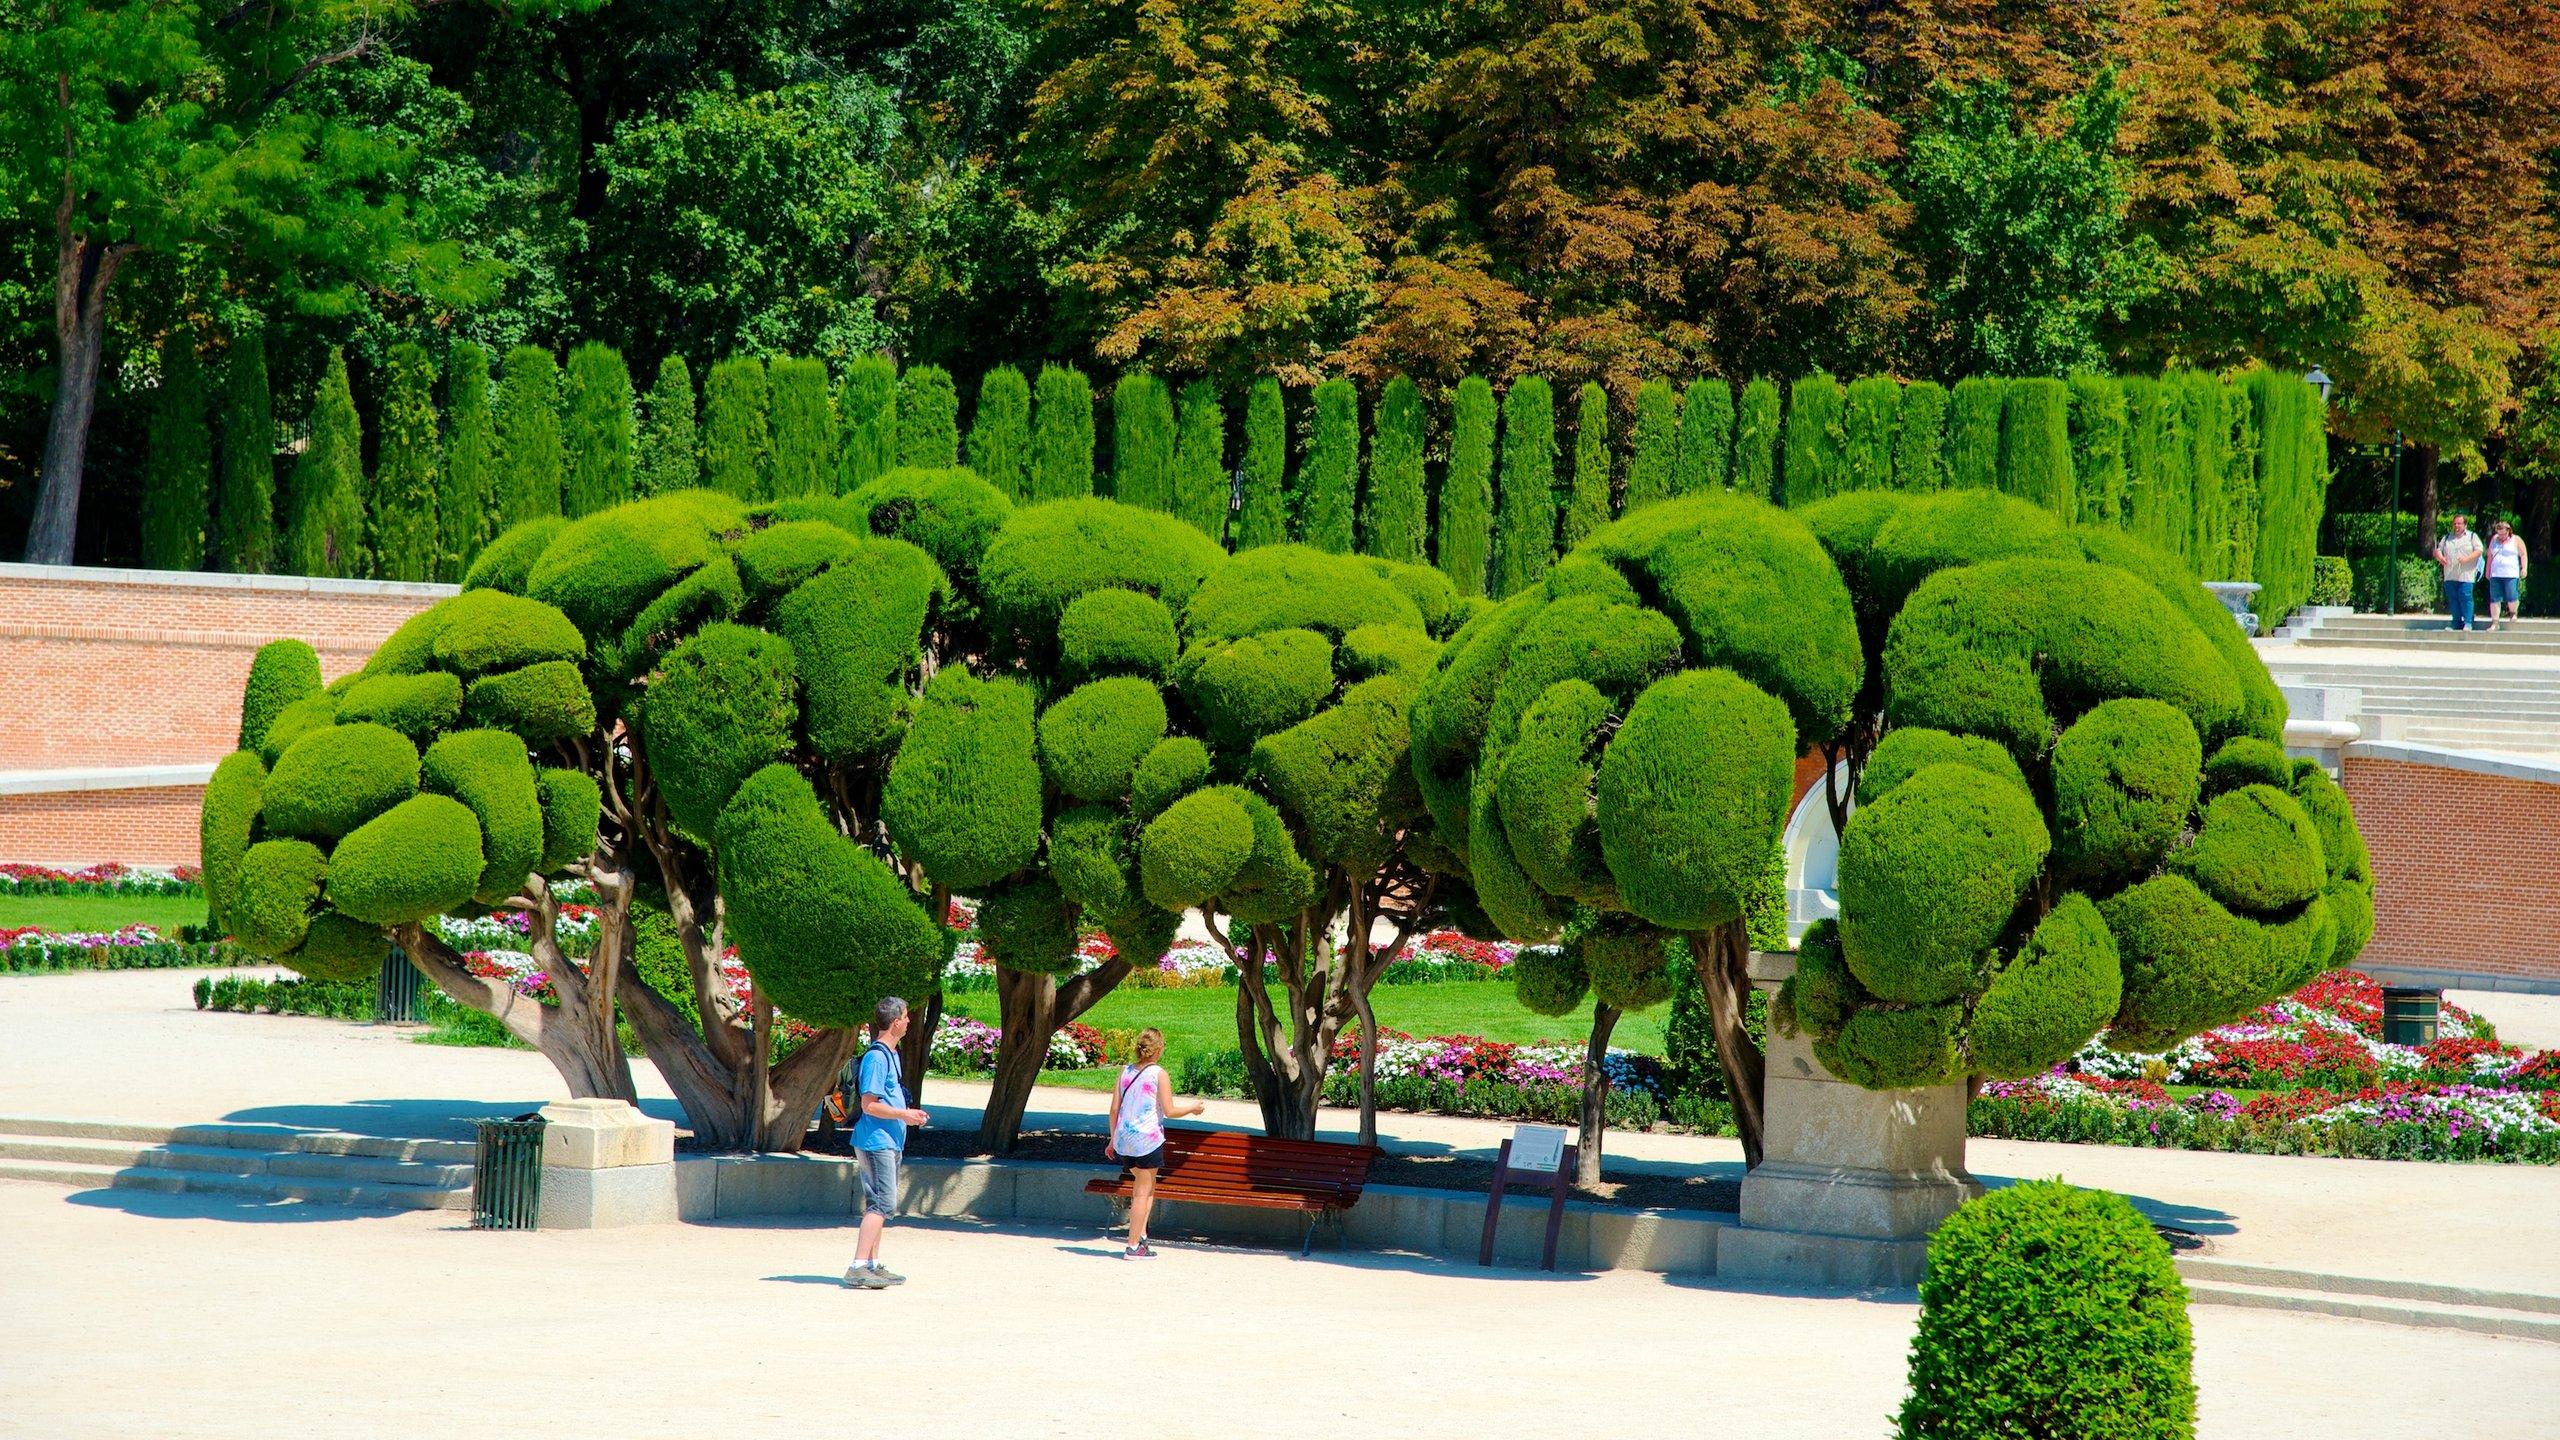 Relájate junto al estanque, camina por sus jardines muy bien cuidados, y admira las elegantes estatuas y edificios de uno de los parques más grandes y populares de Madrid.